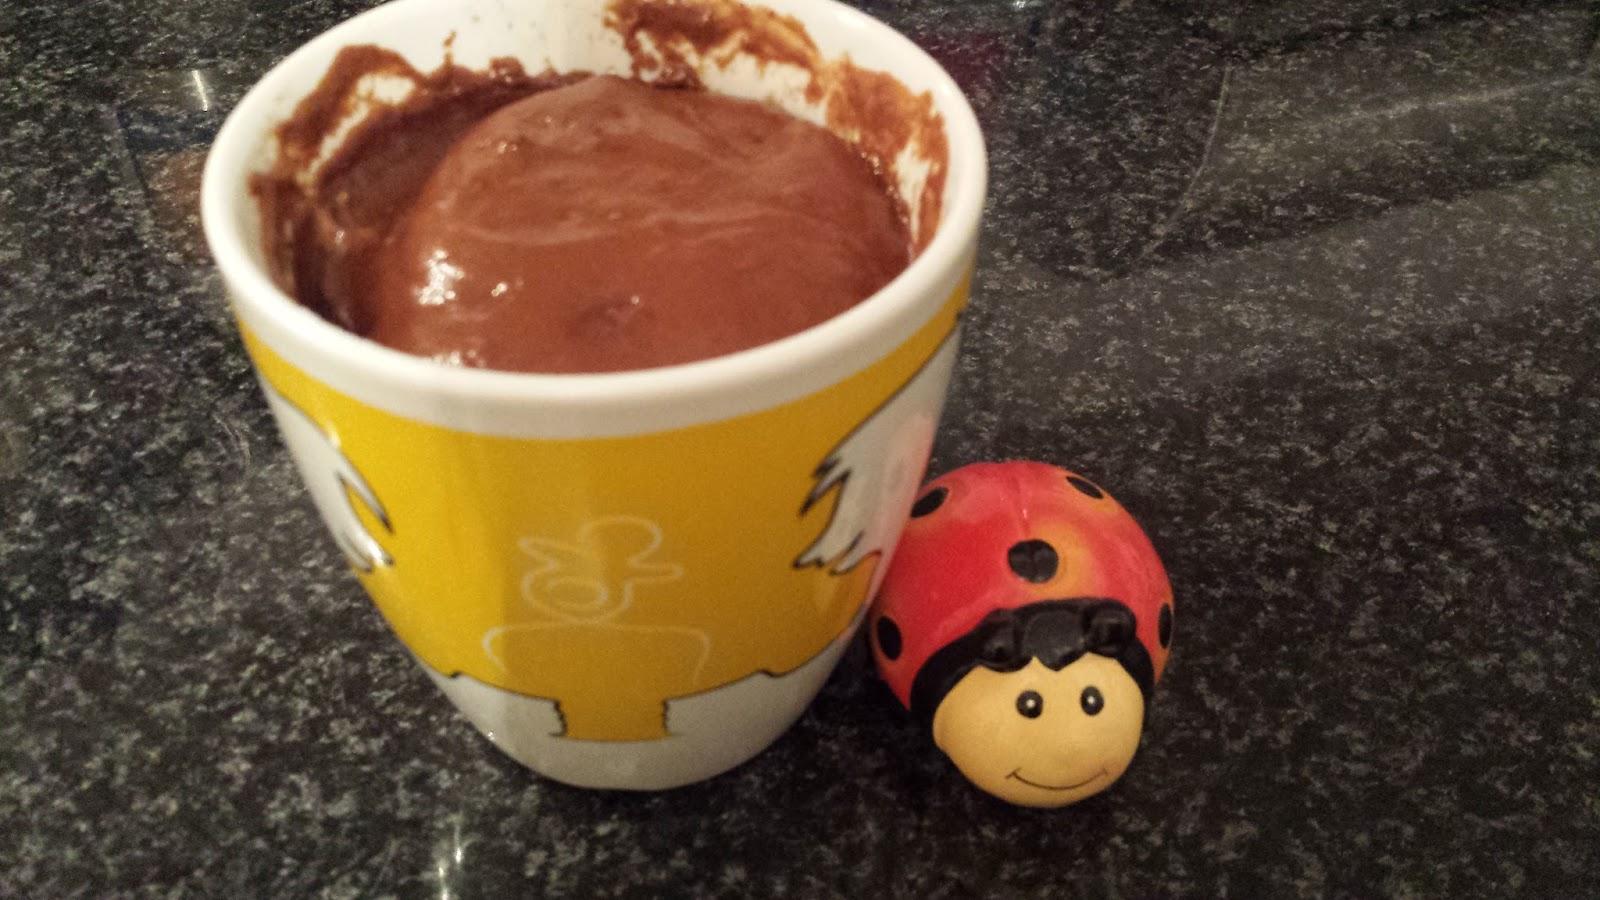 une coccinelle en cuisine mug cake au chocolat aux micro ondes. Black Bedroom Furniture Sets. Home Design Ideas